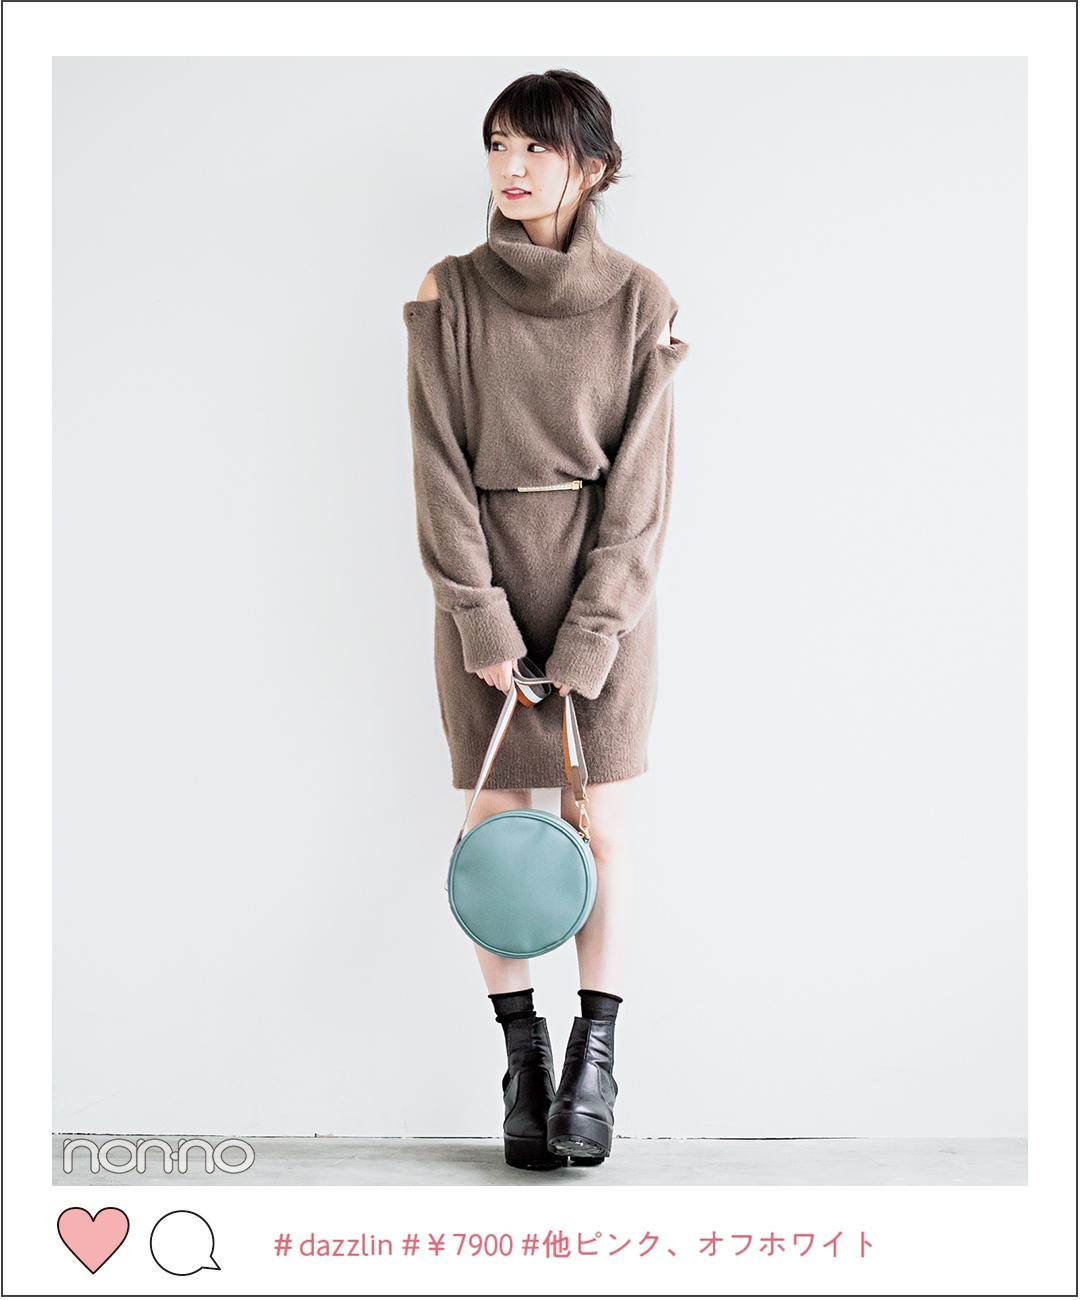 dazzlinのインスタ売れワンピース♡ 人気ショップスタッフのコーデが可愛い!_1_3-1